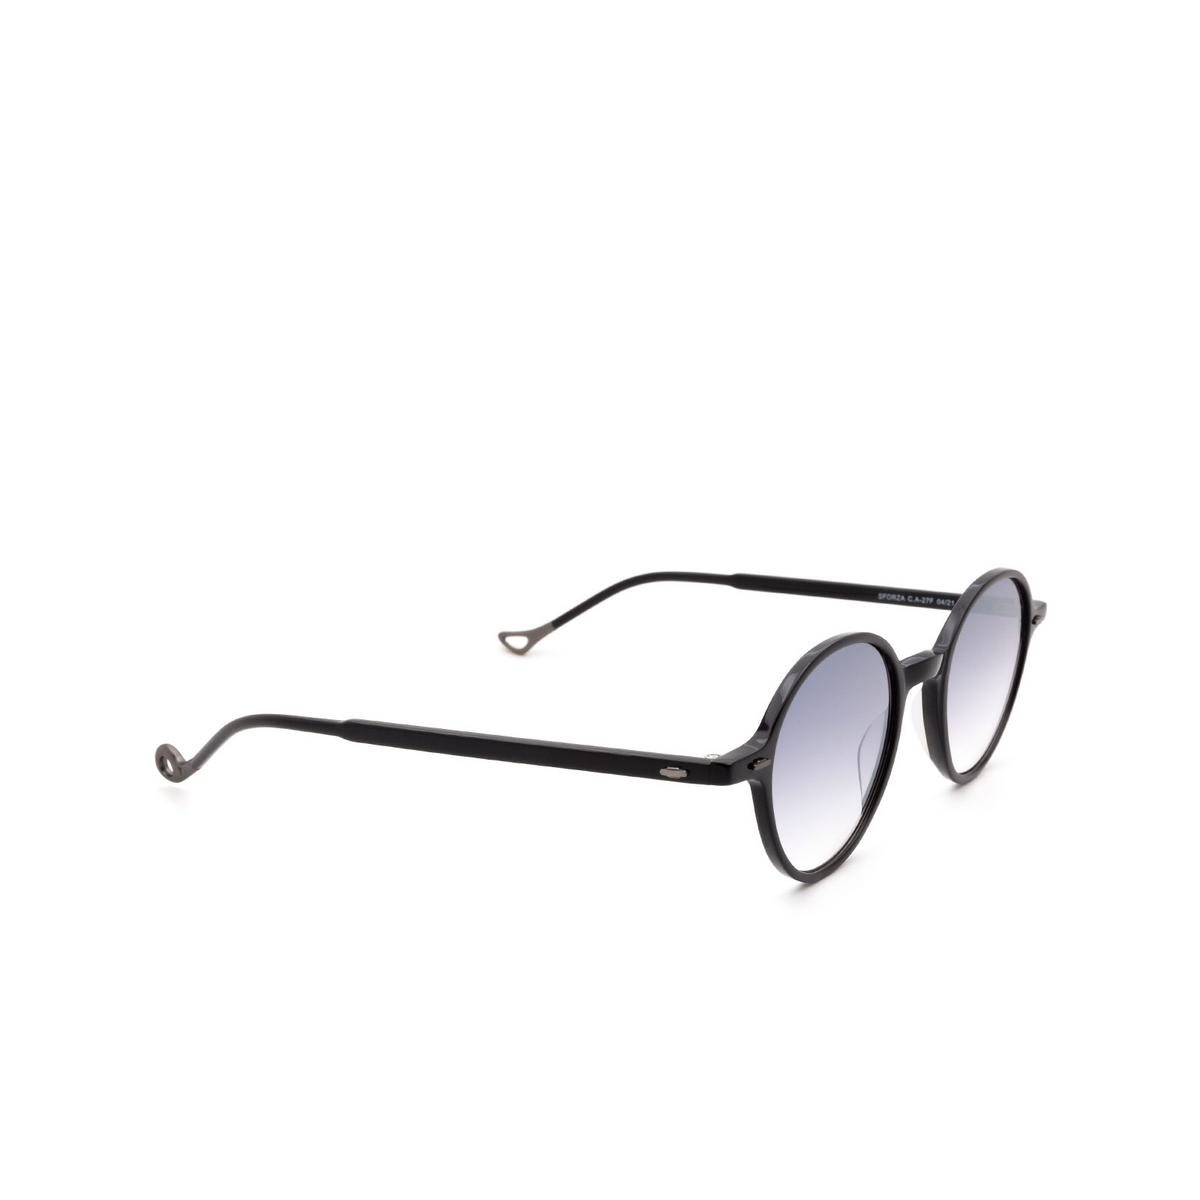 Eyepetizer® Round Sunglasses: Sforza color Black C.A-27F - three-quarters view.